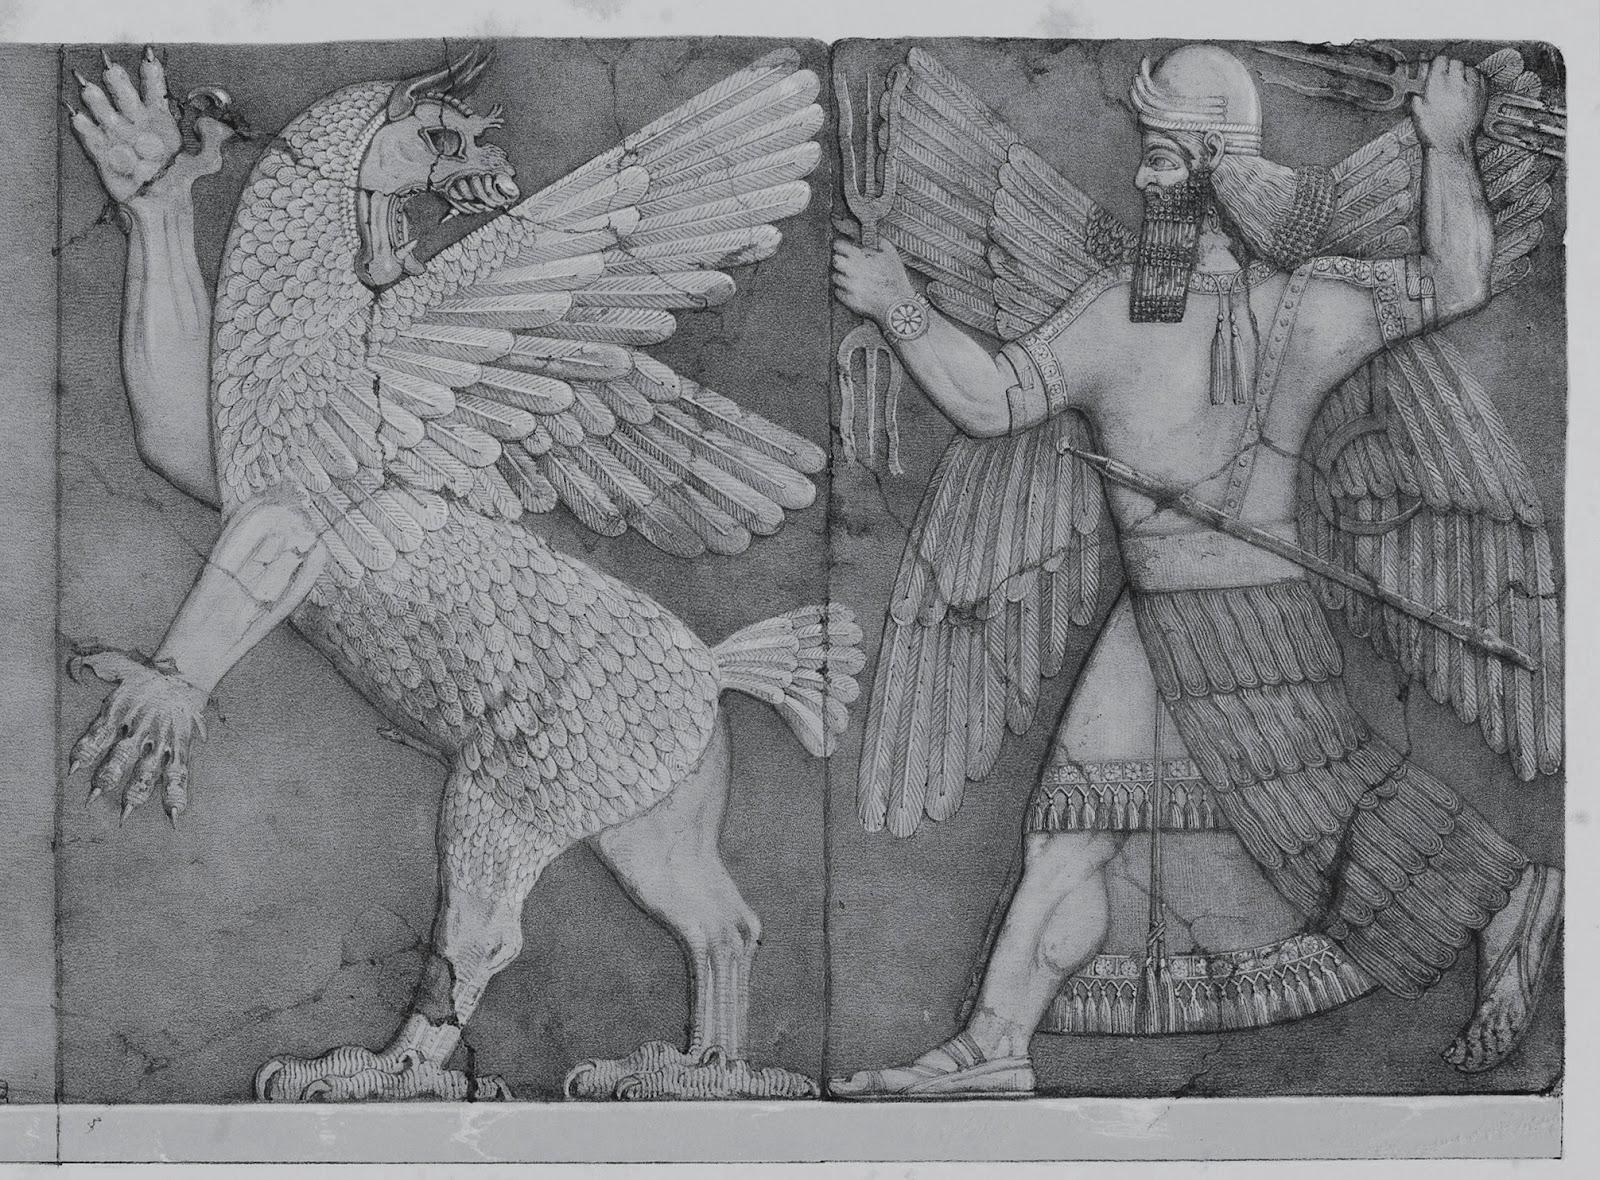 Antiche divinità sumeriche